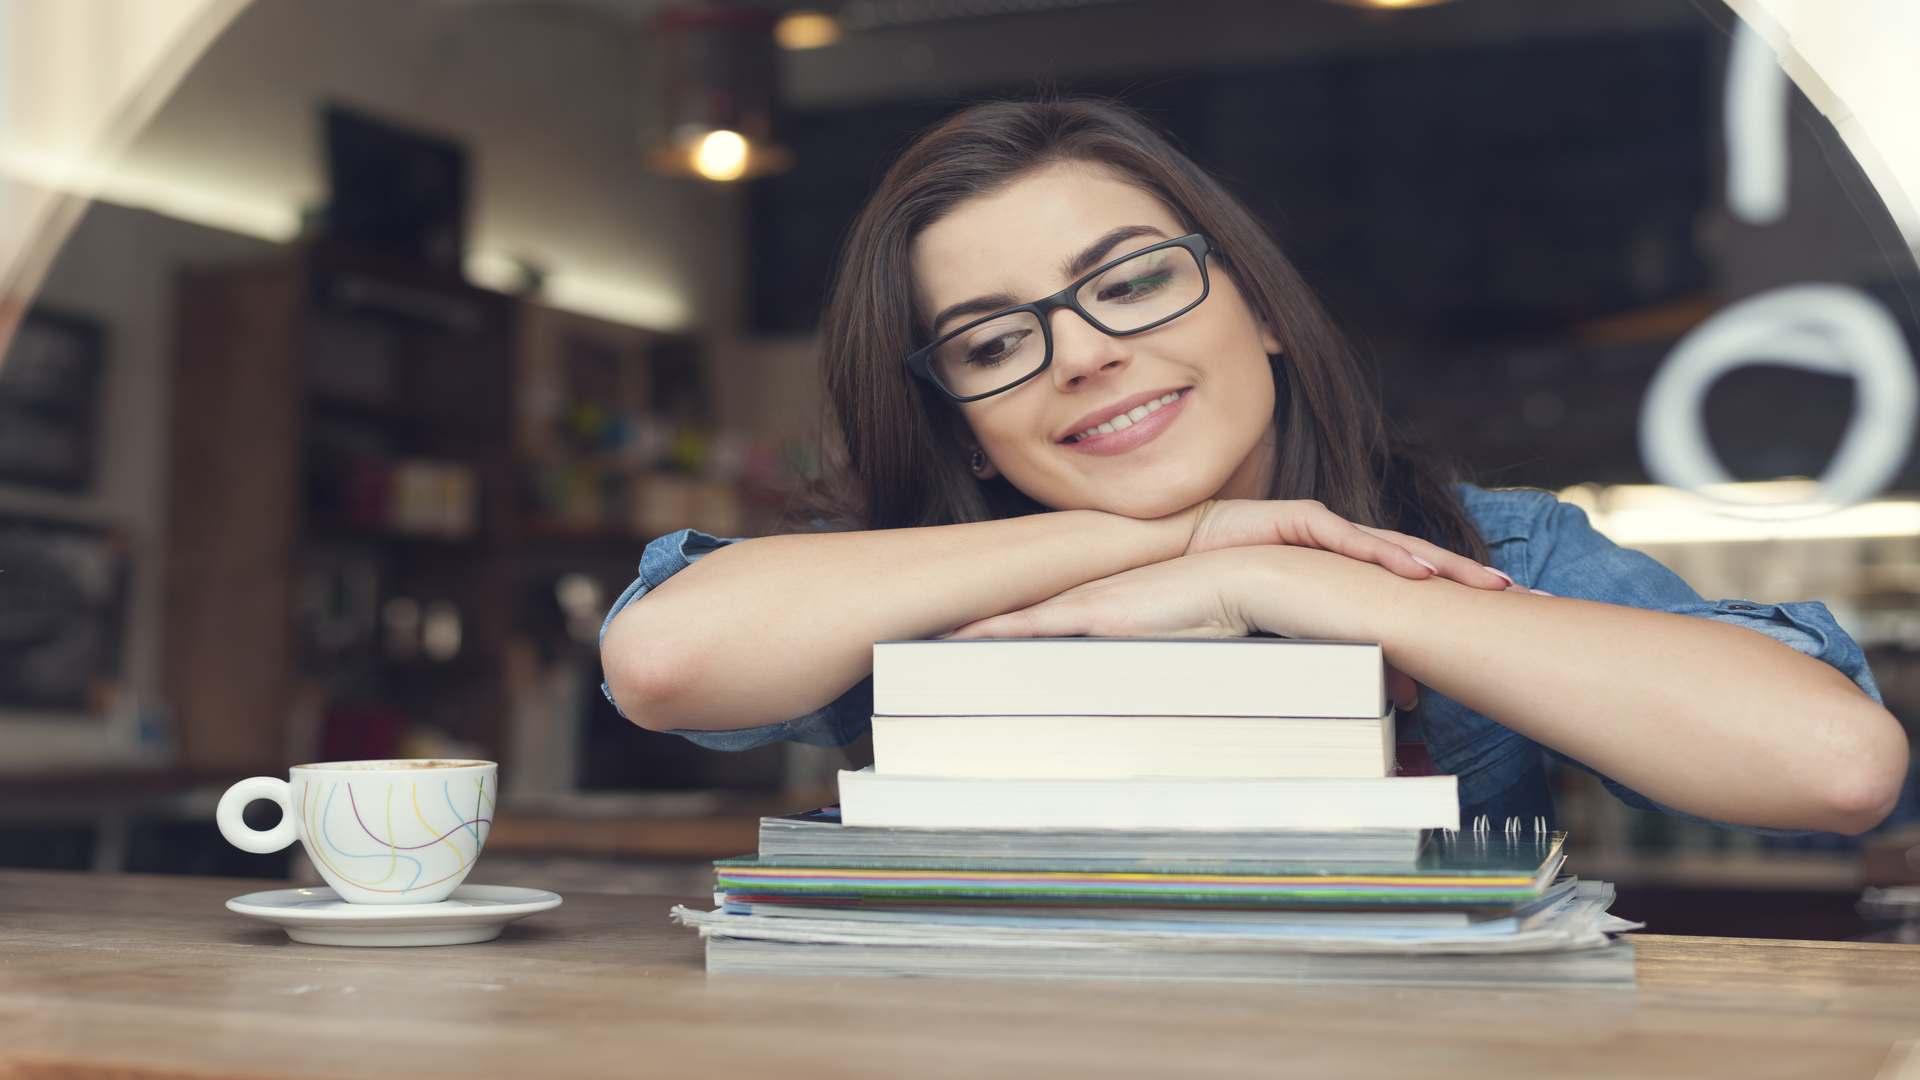 סטודנטית מנסה להבין מהו ההיקף הרצוי של עבודה סמינריונית